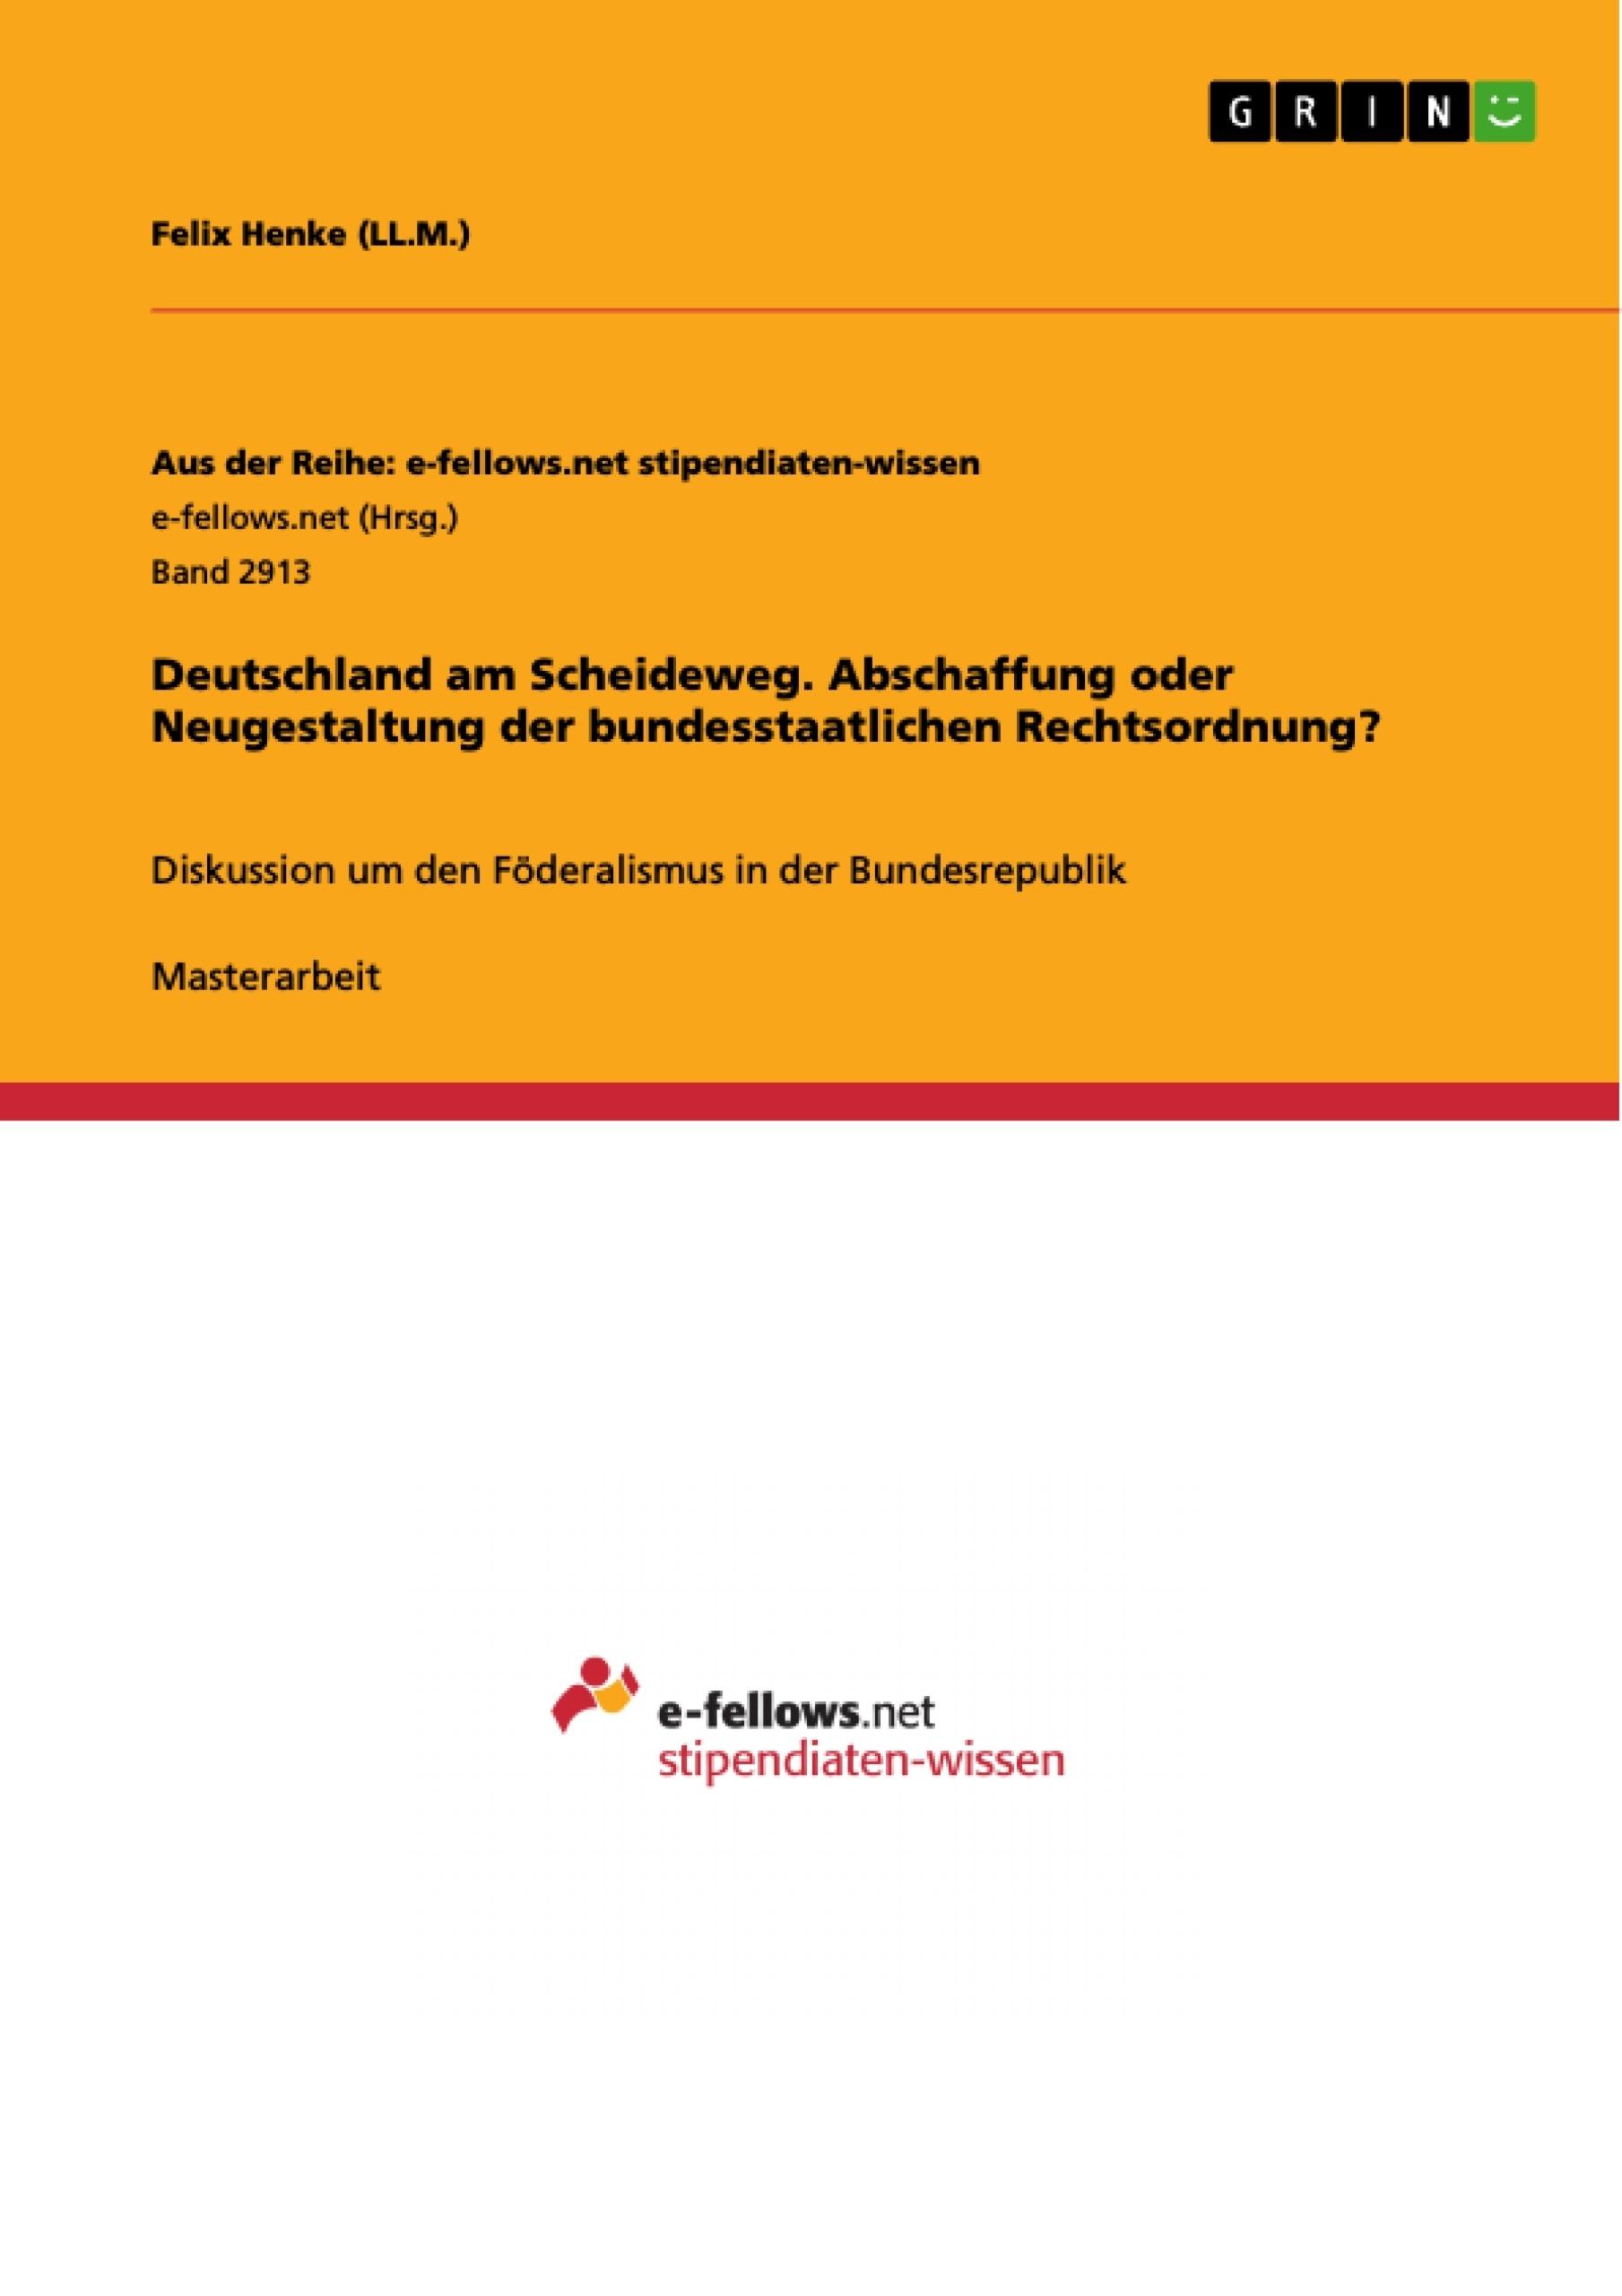 Titel: Deutschland am Scheideweg. Abschaffung oder Neugestaltung der bundesstaatlichen Rechtsordnung?